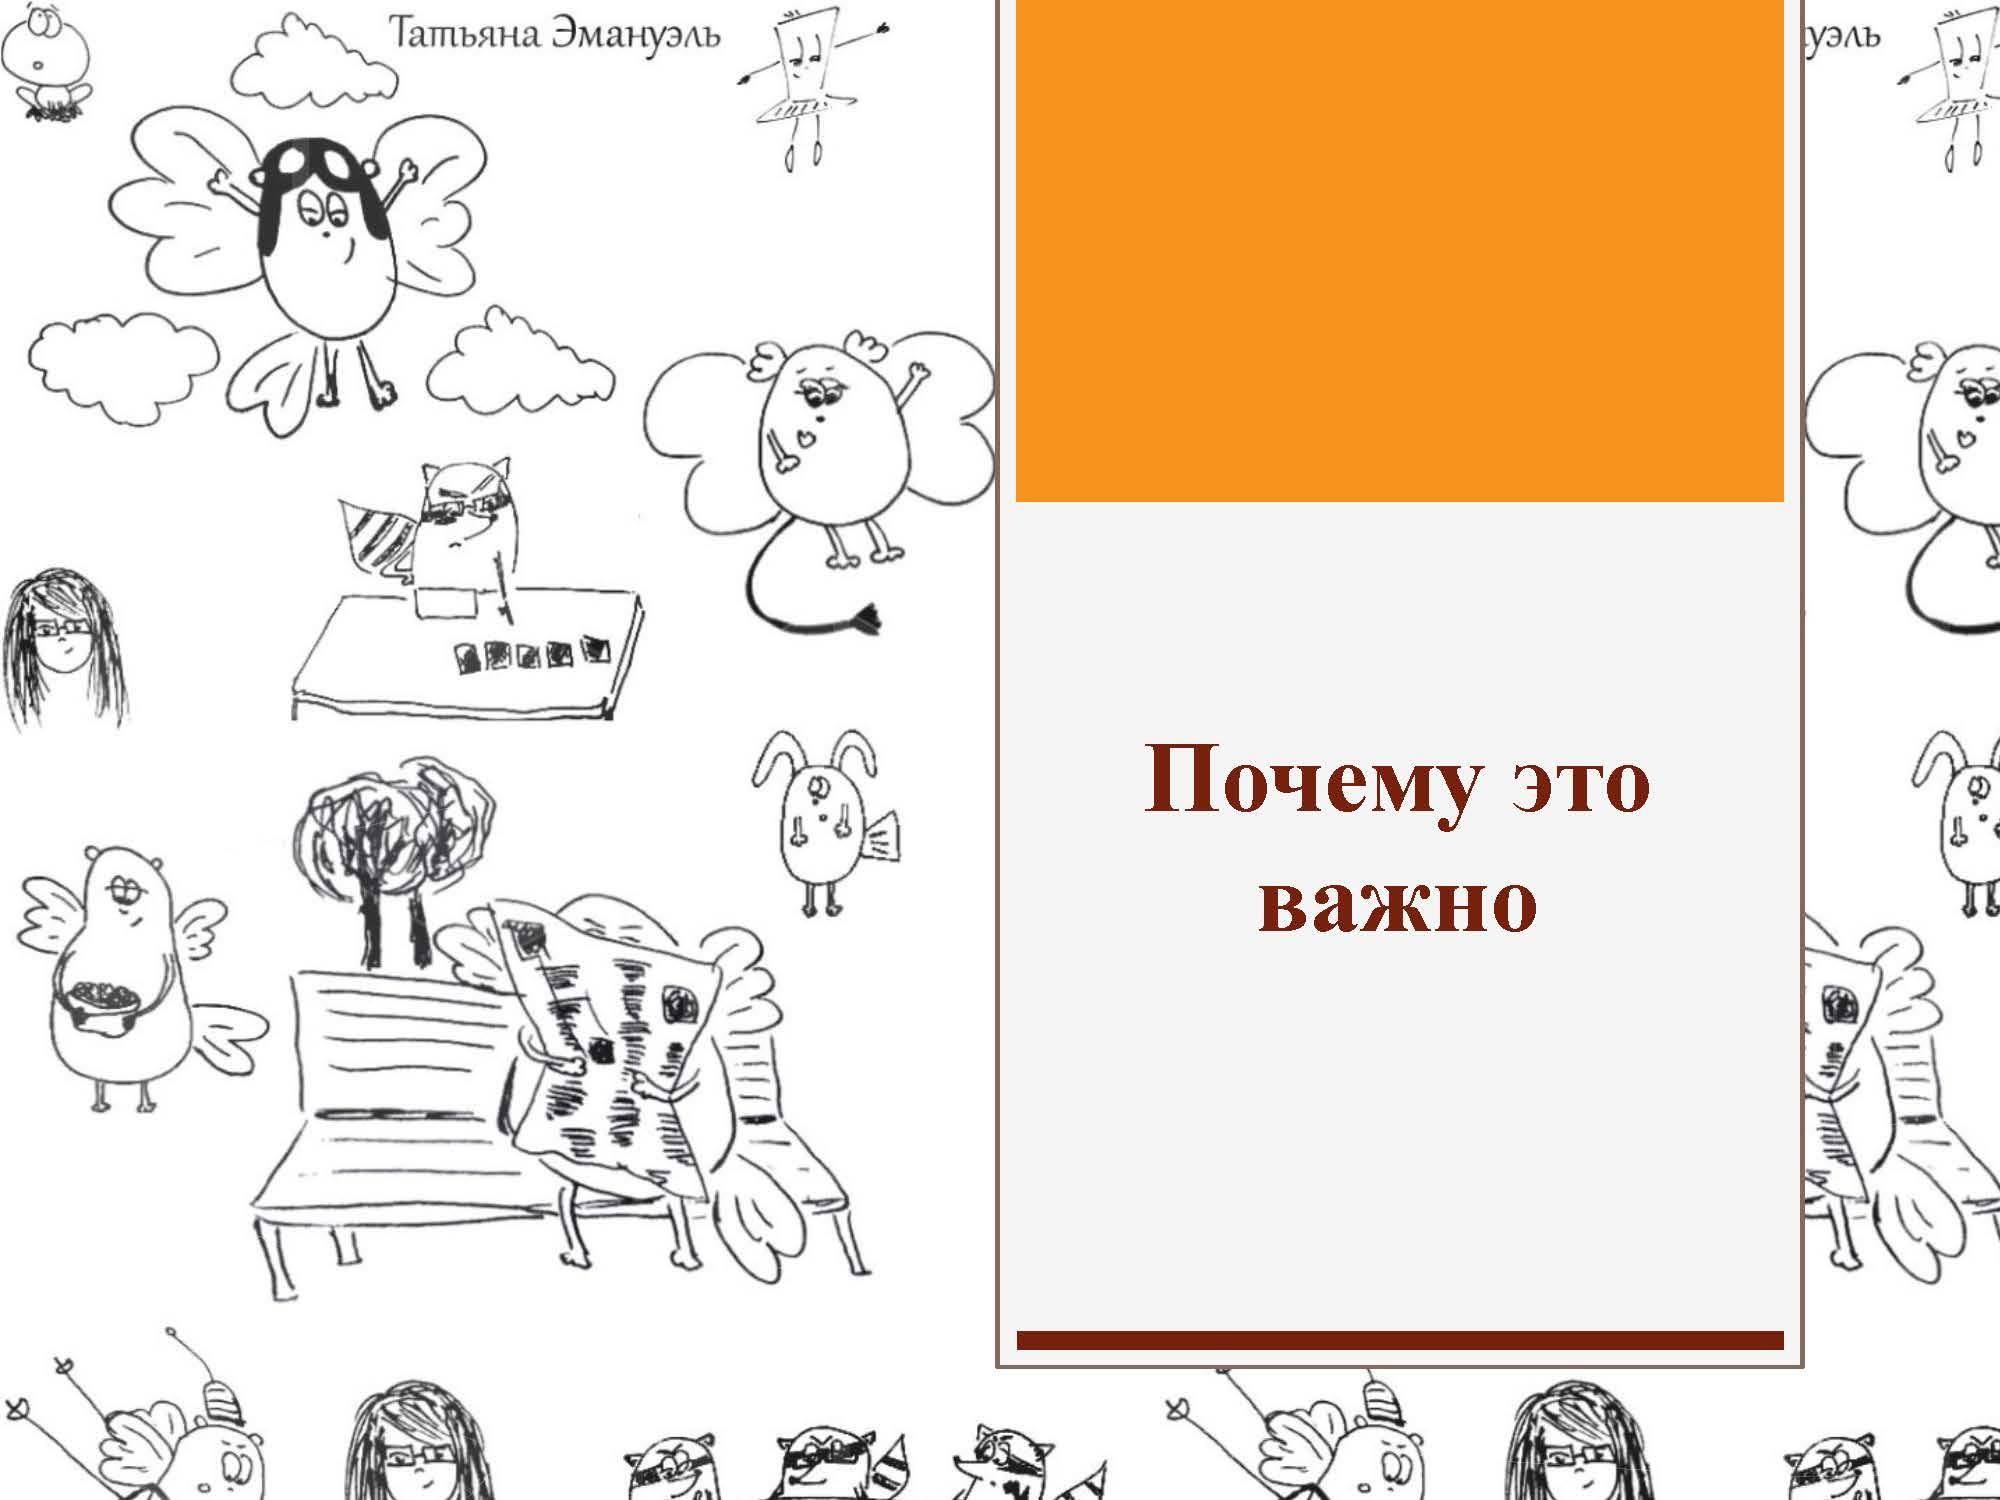 секция 8. Эмануэль Т.С., Московский район_Страница_02